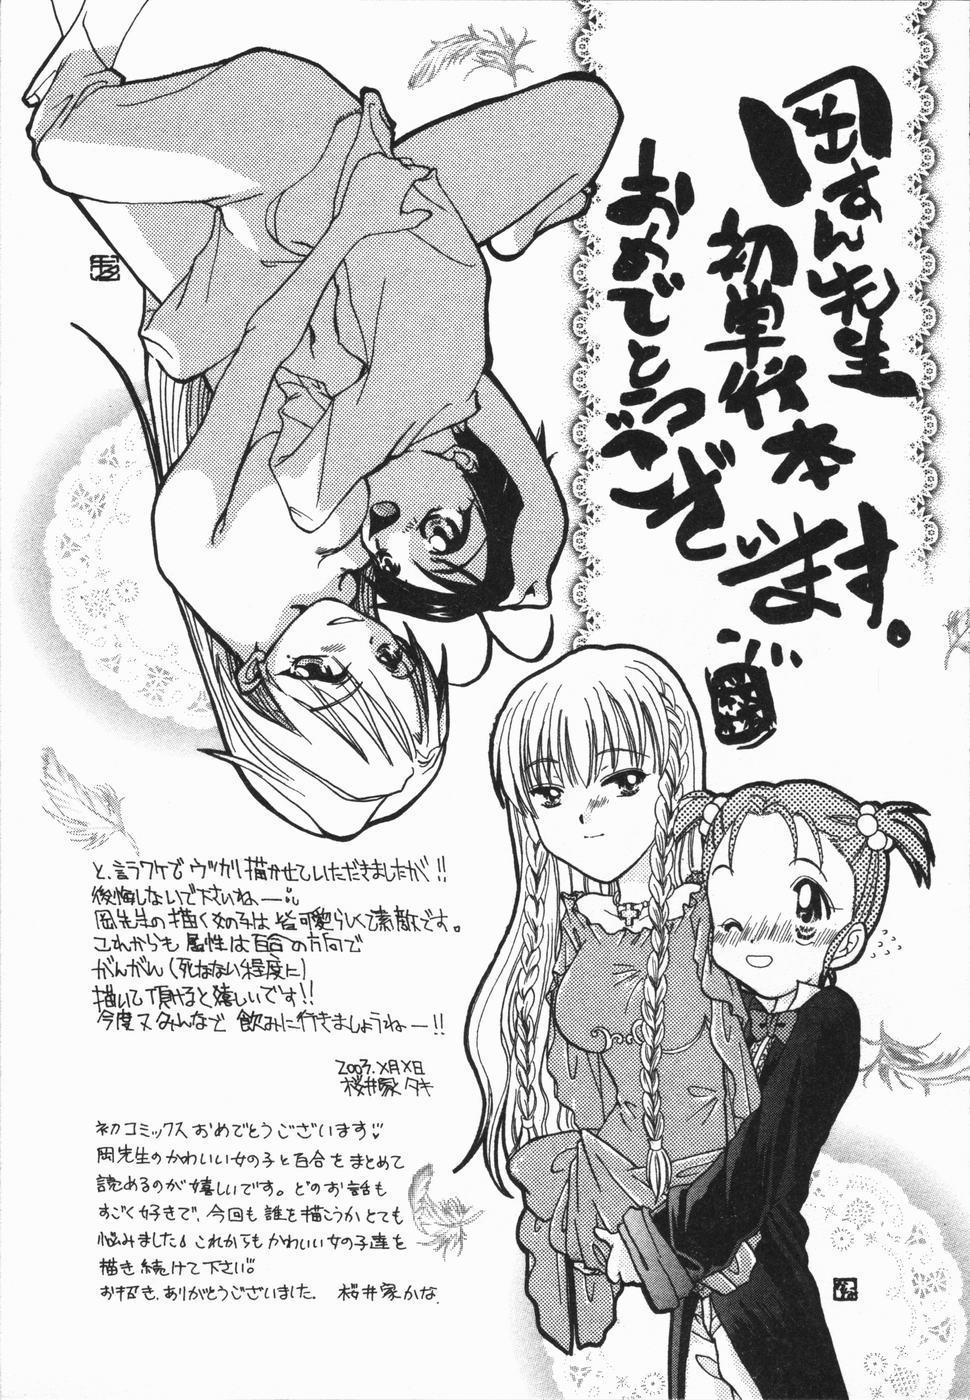 [Oka Sundome] Mebina-tachi no Gogo | -Maybe-na Afternoon- 160